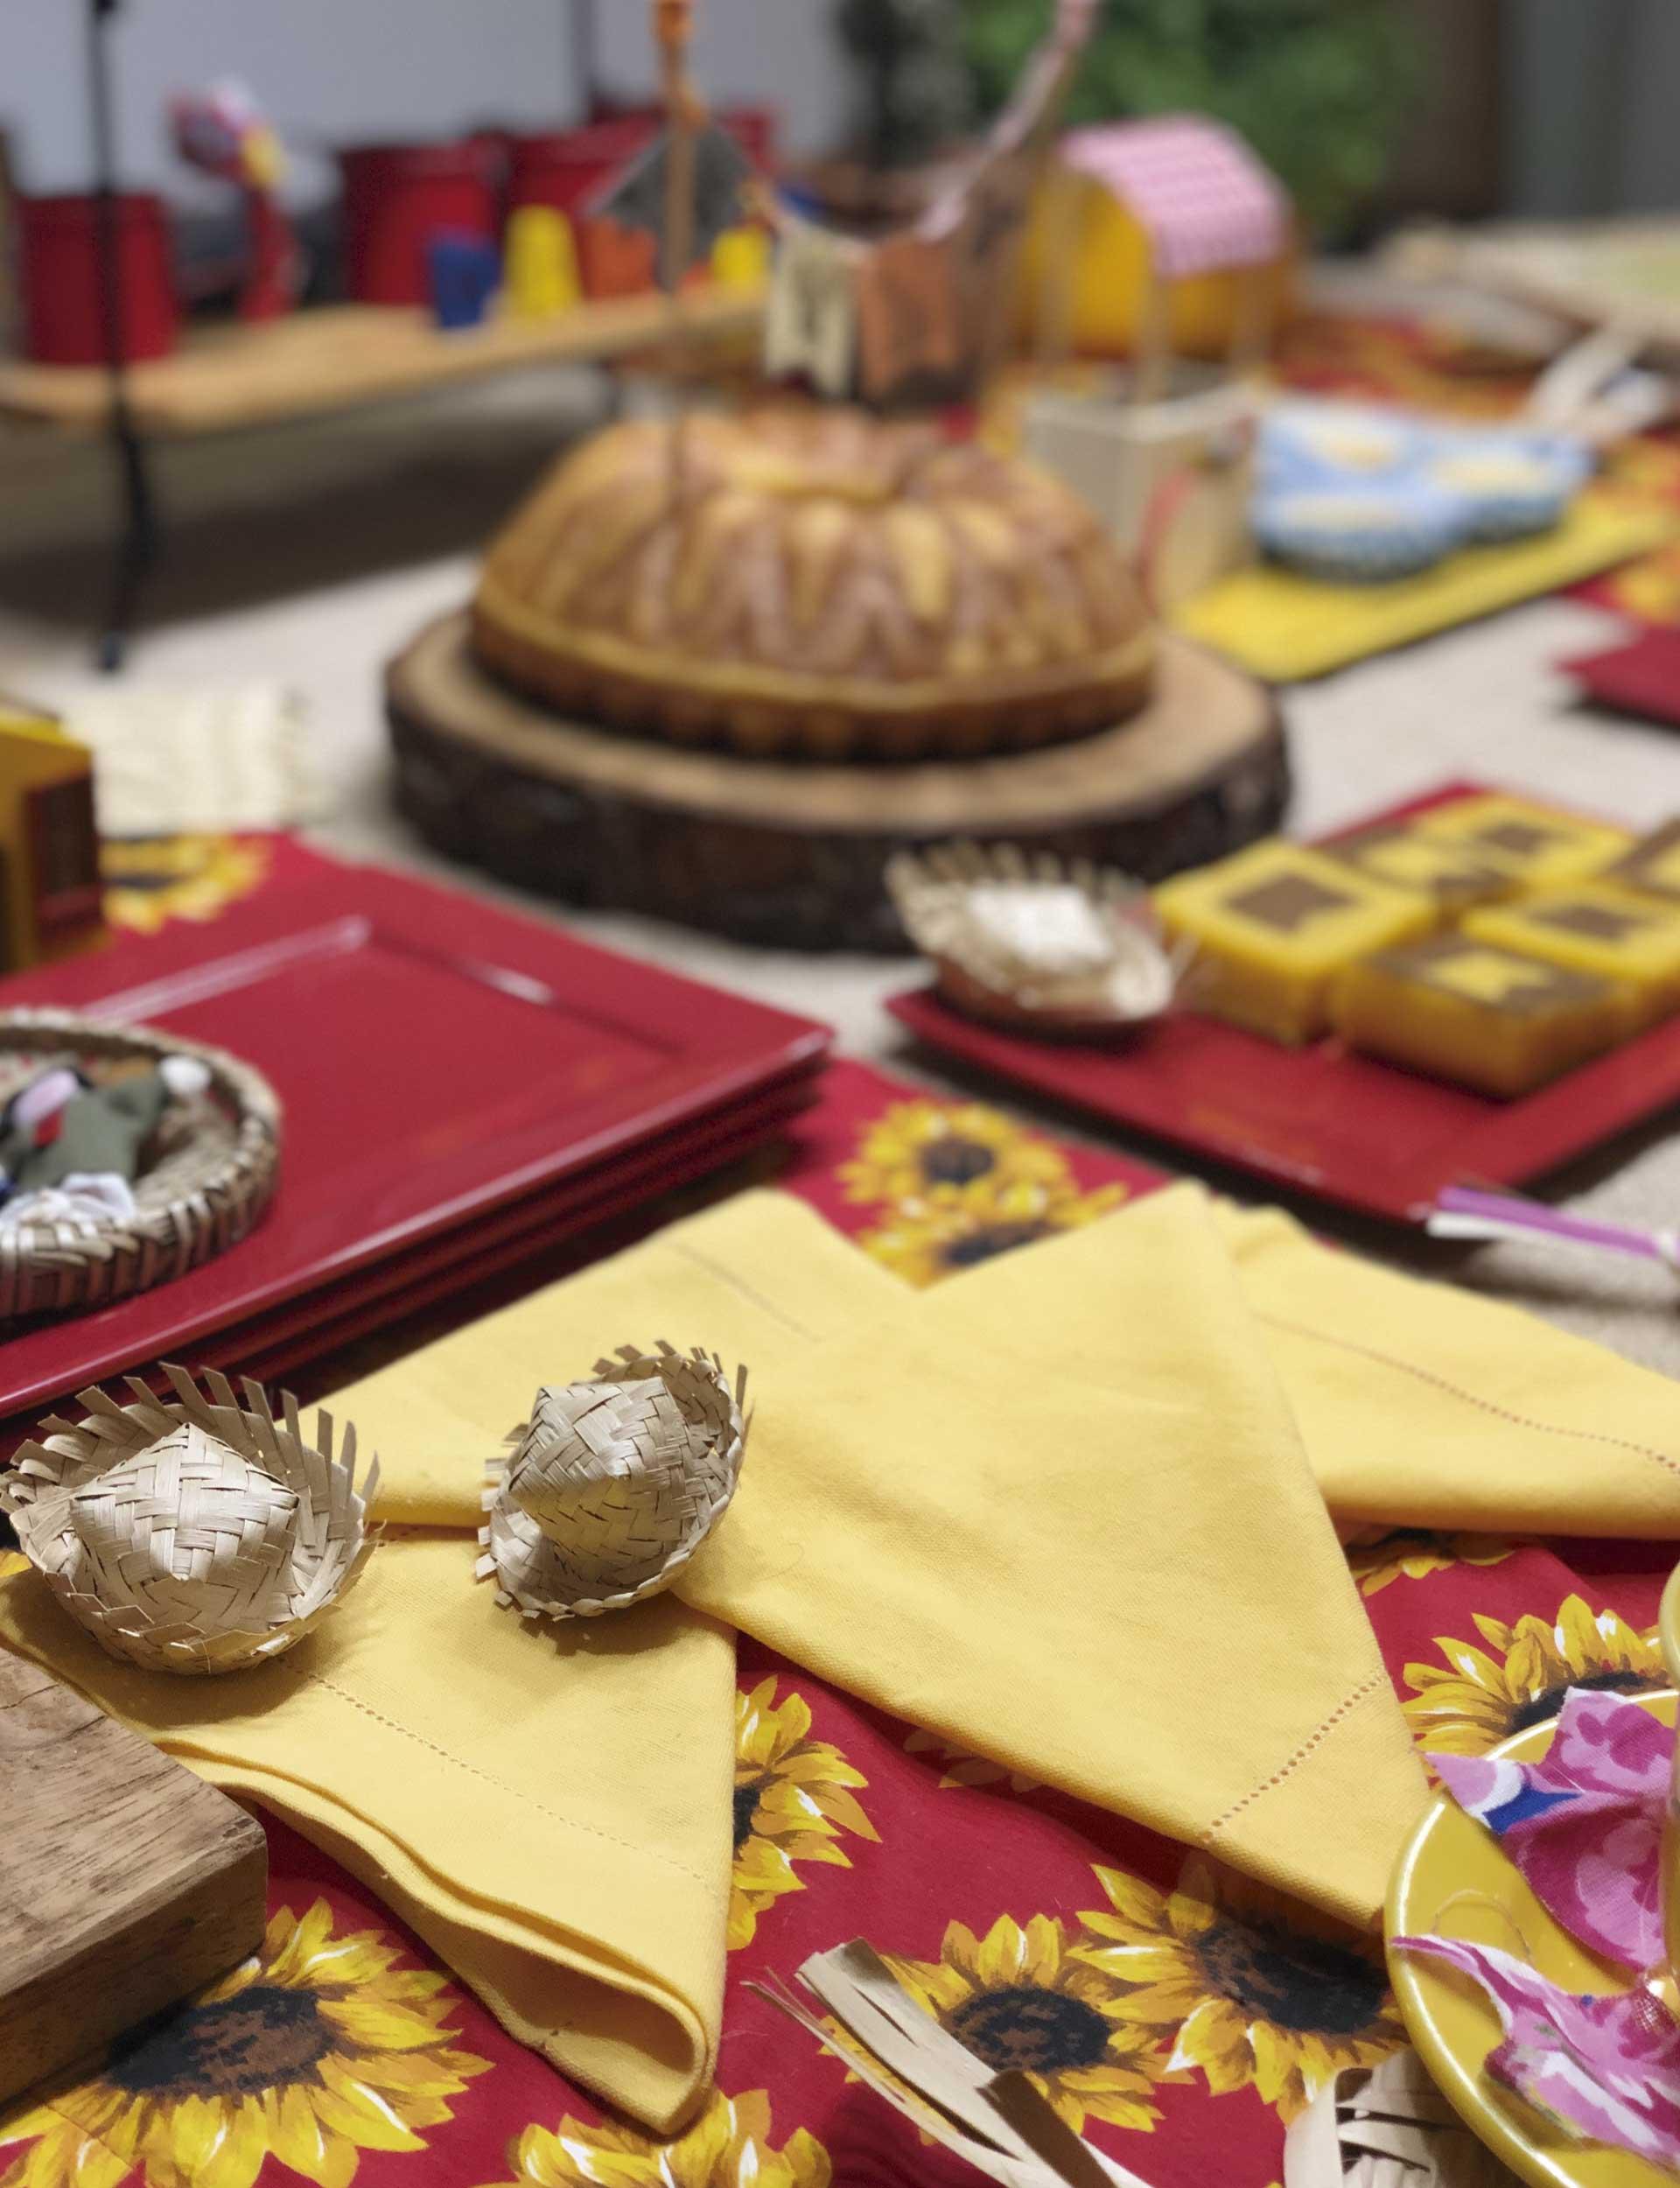 Texto: Os guardanapos dobrados em formato de bandeirinhas garantem uma mesa ainda mais alegre para as festas juninas. Foto: Isabela Azevedo.